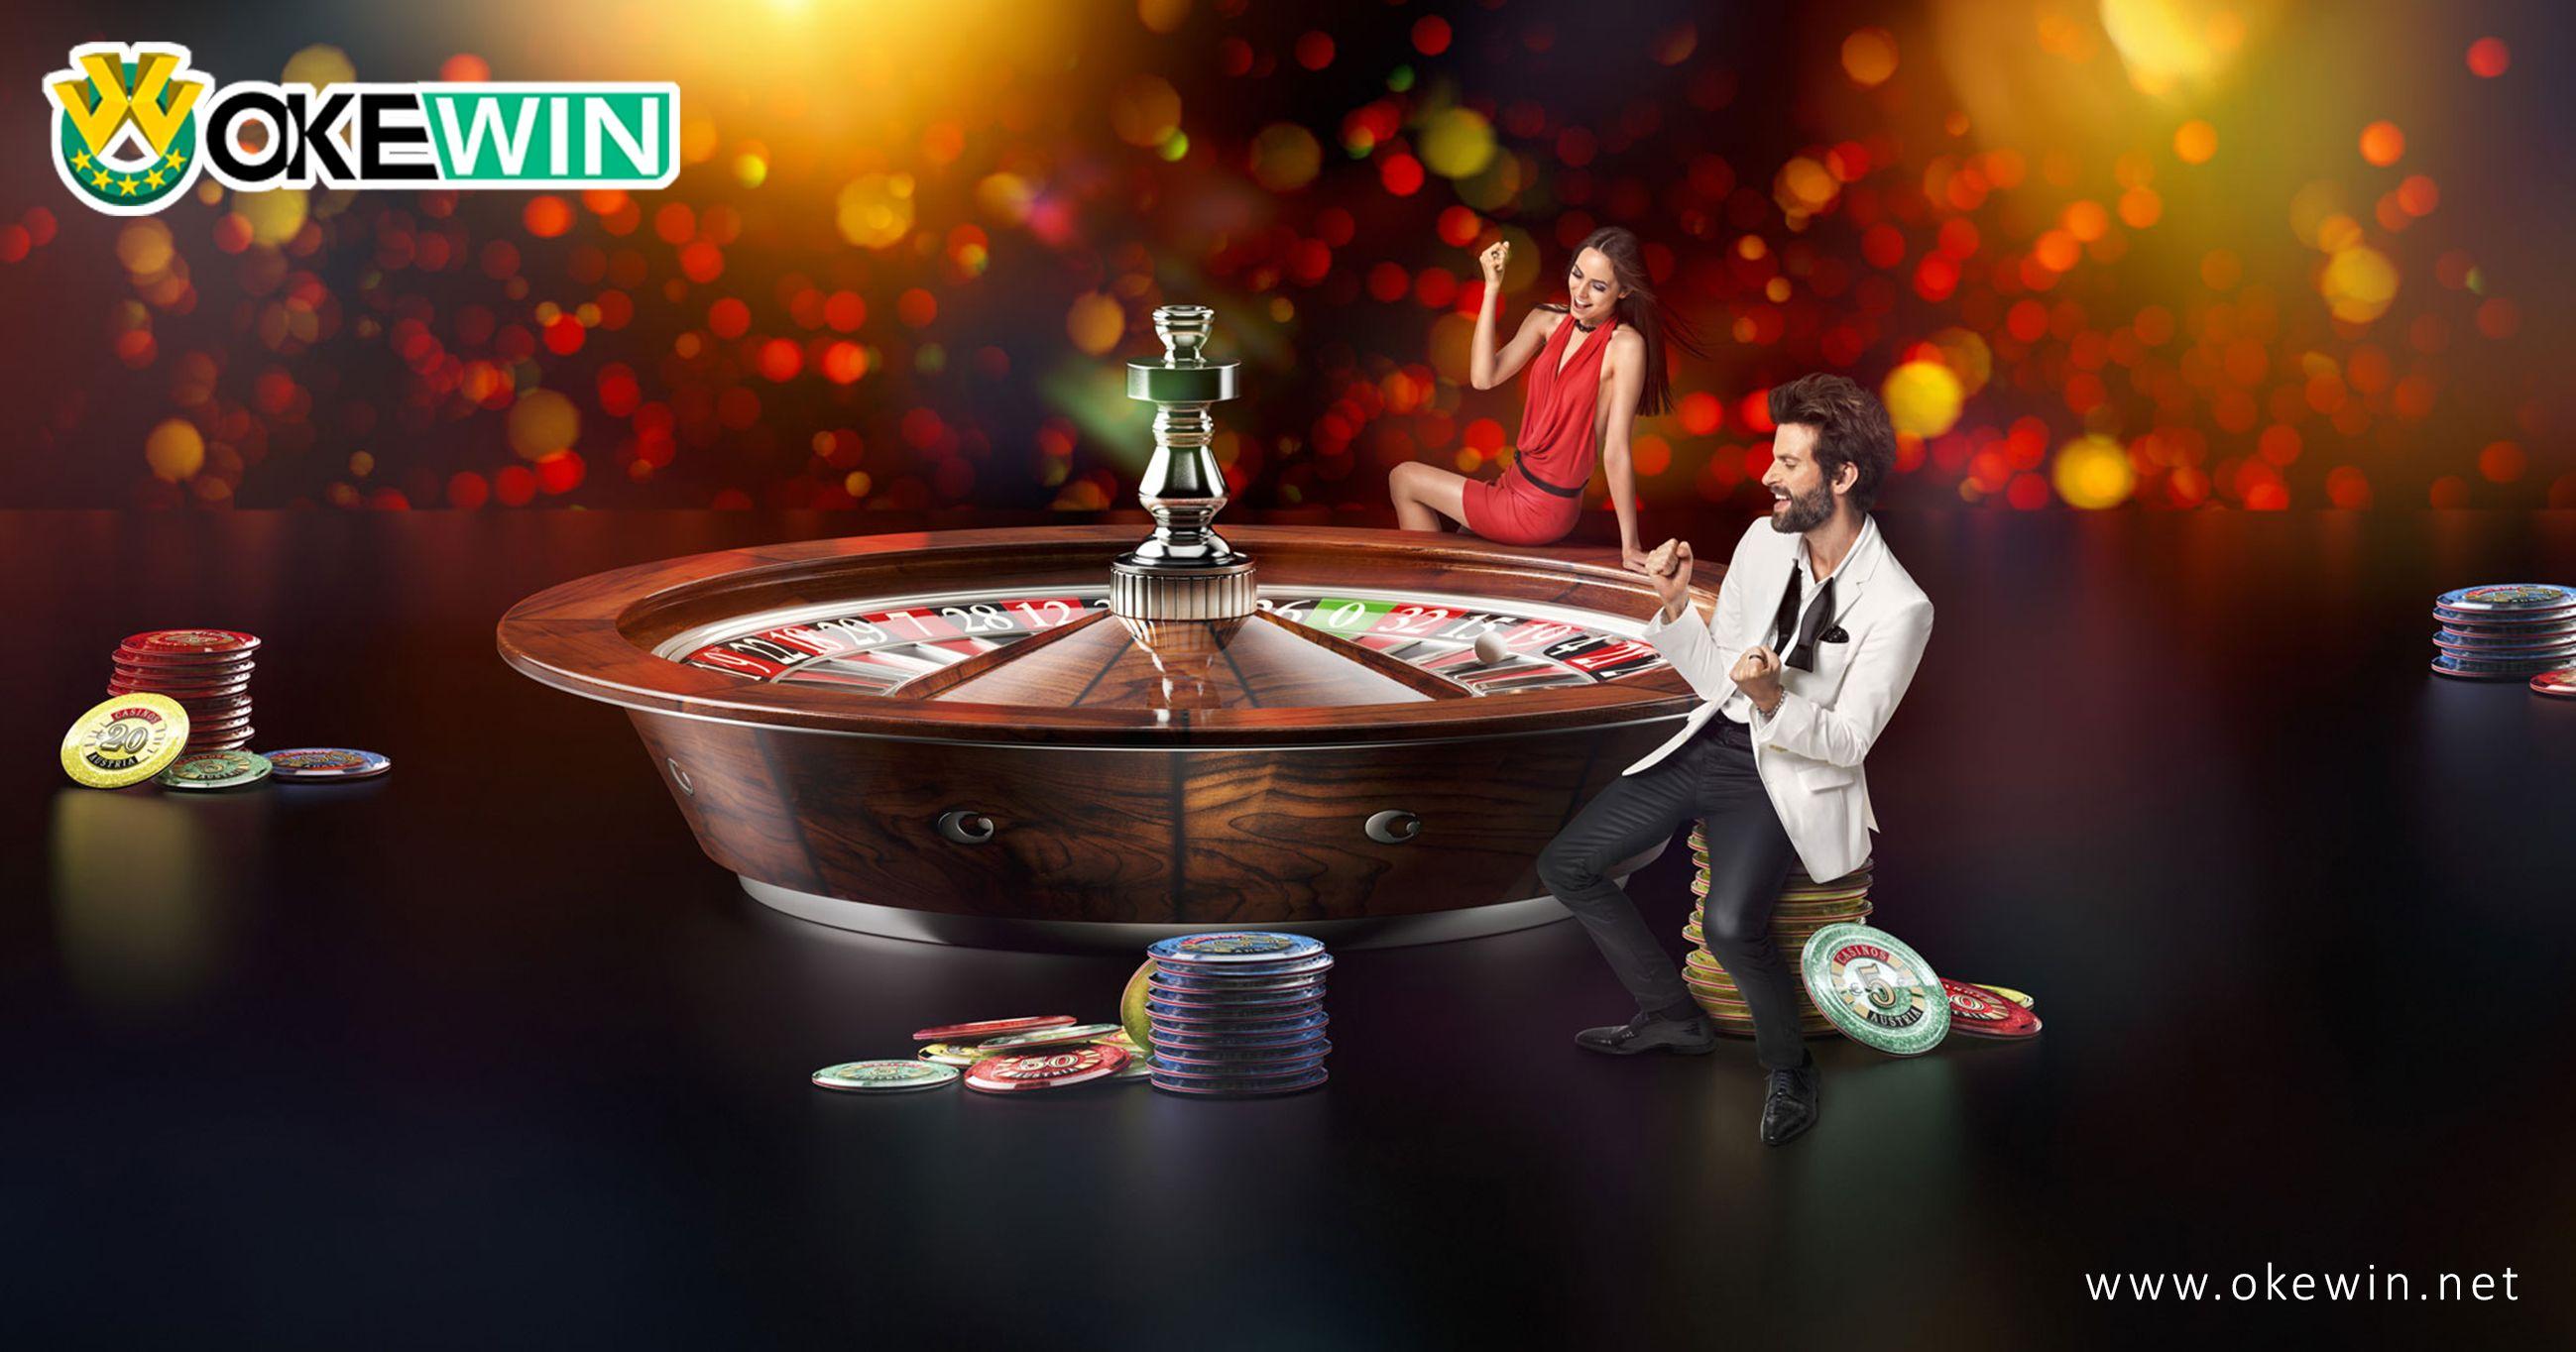 Okewin Adalah Perusahaan Online Sbobet Casino Dan Perjudian Di Indonesia Casinoonline Livecasino Agencasino Sbobetcasino Ag Blackjack Casino Party Mainan